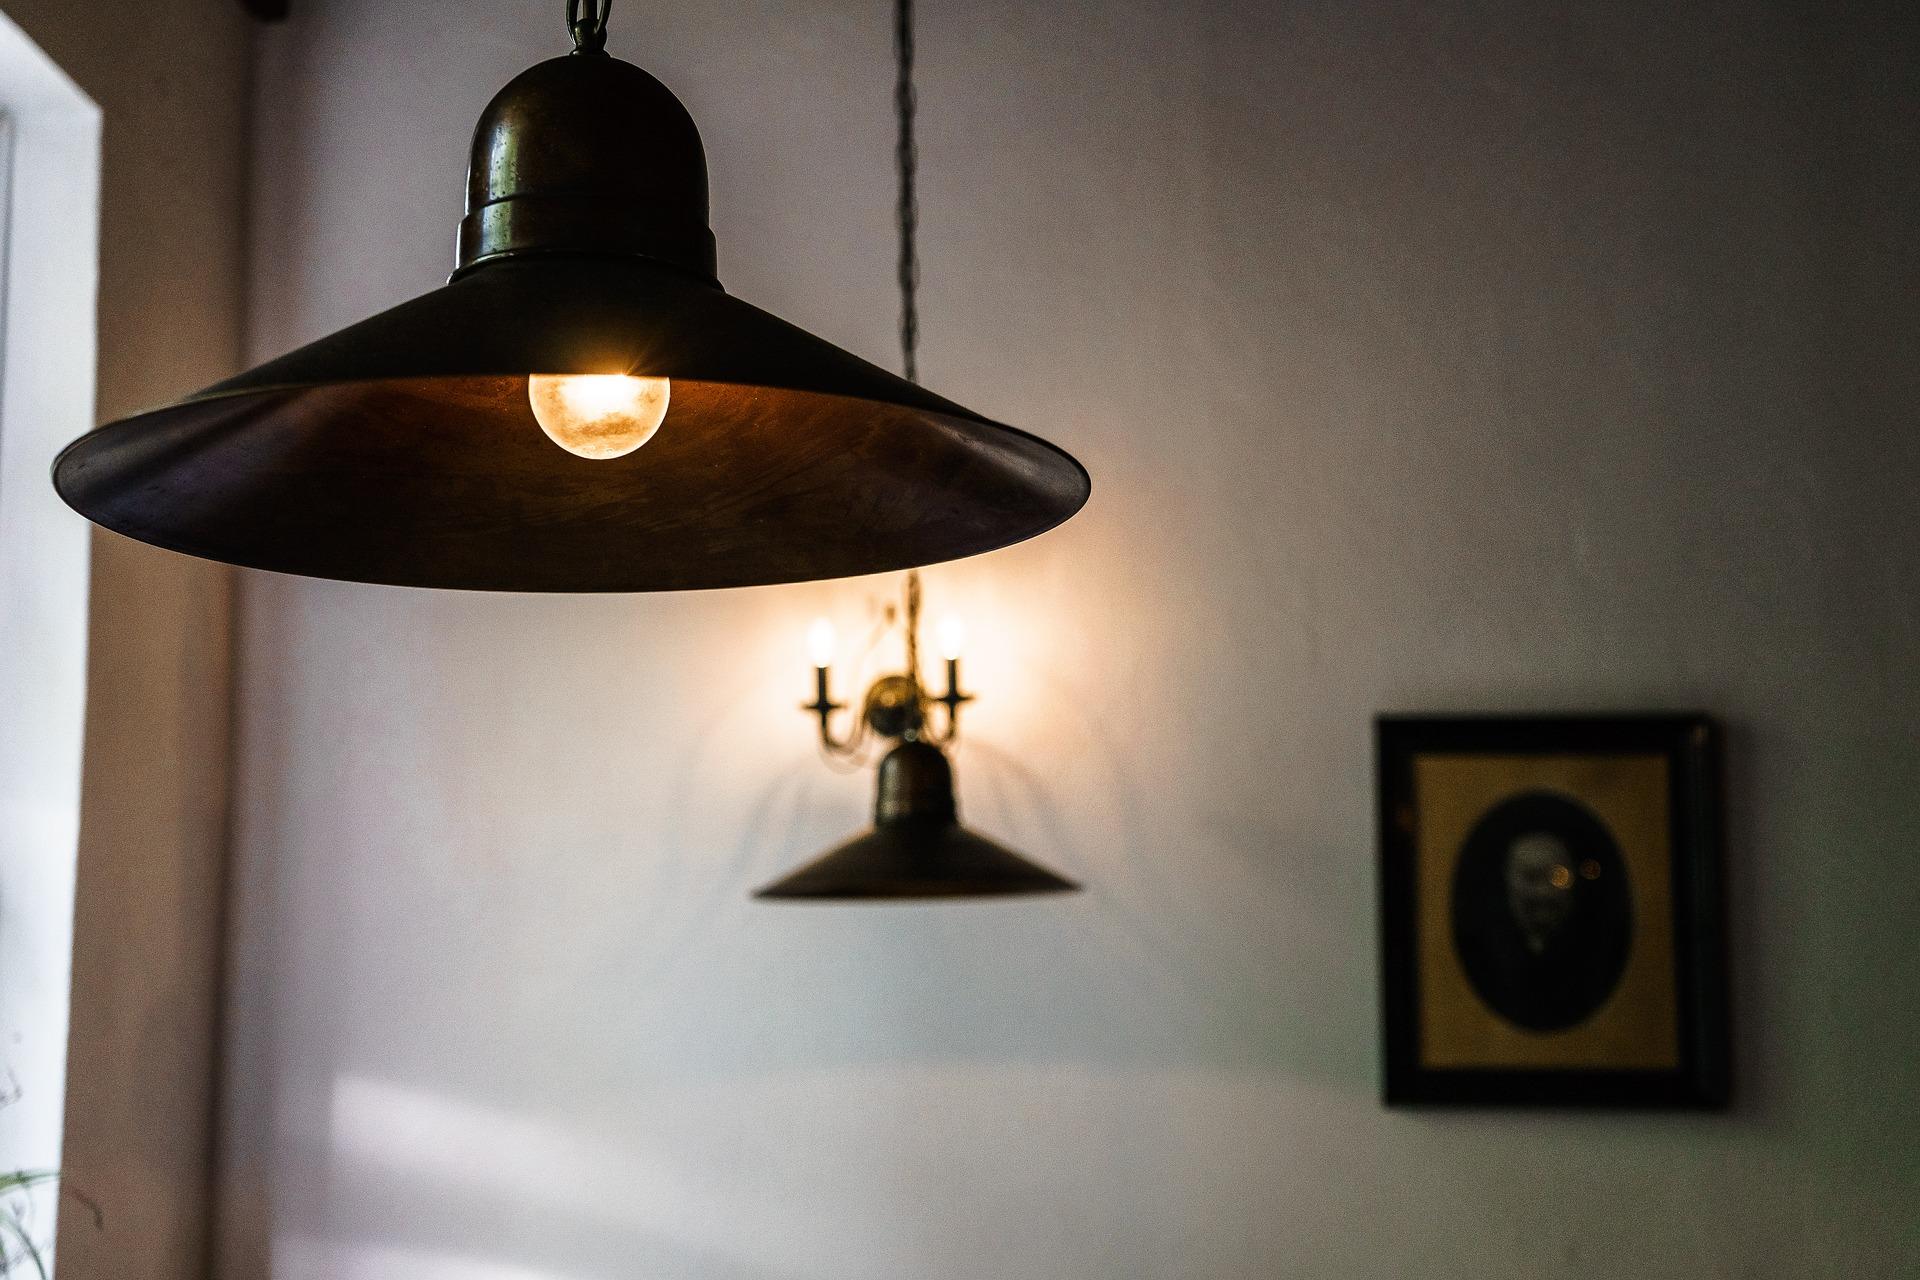 Lampadario Con Punto Luce Decentrato lampade e punti luce - chiedilo a lory